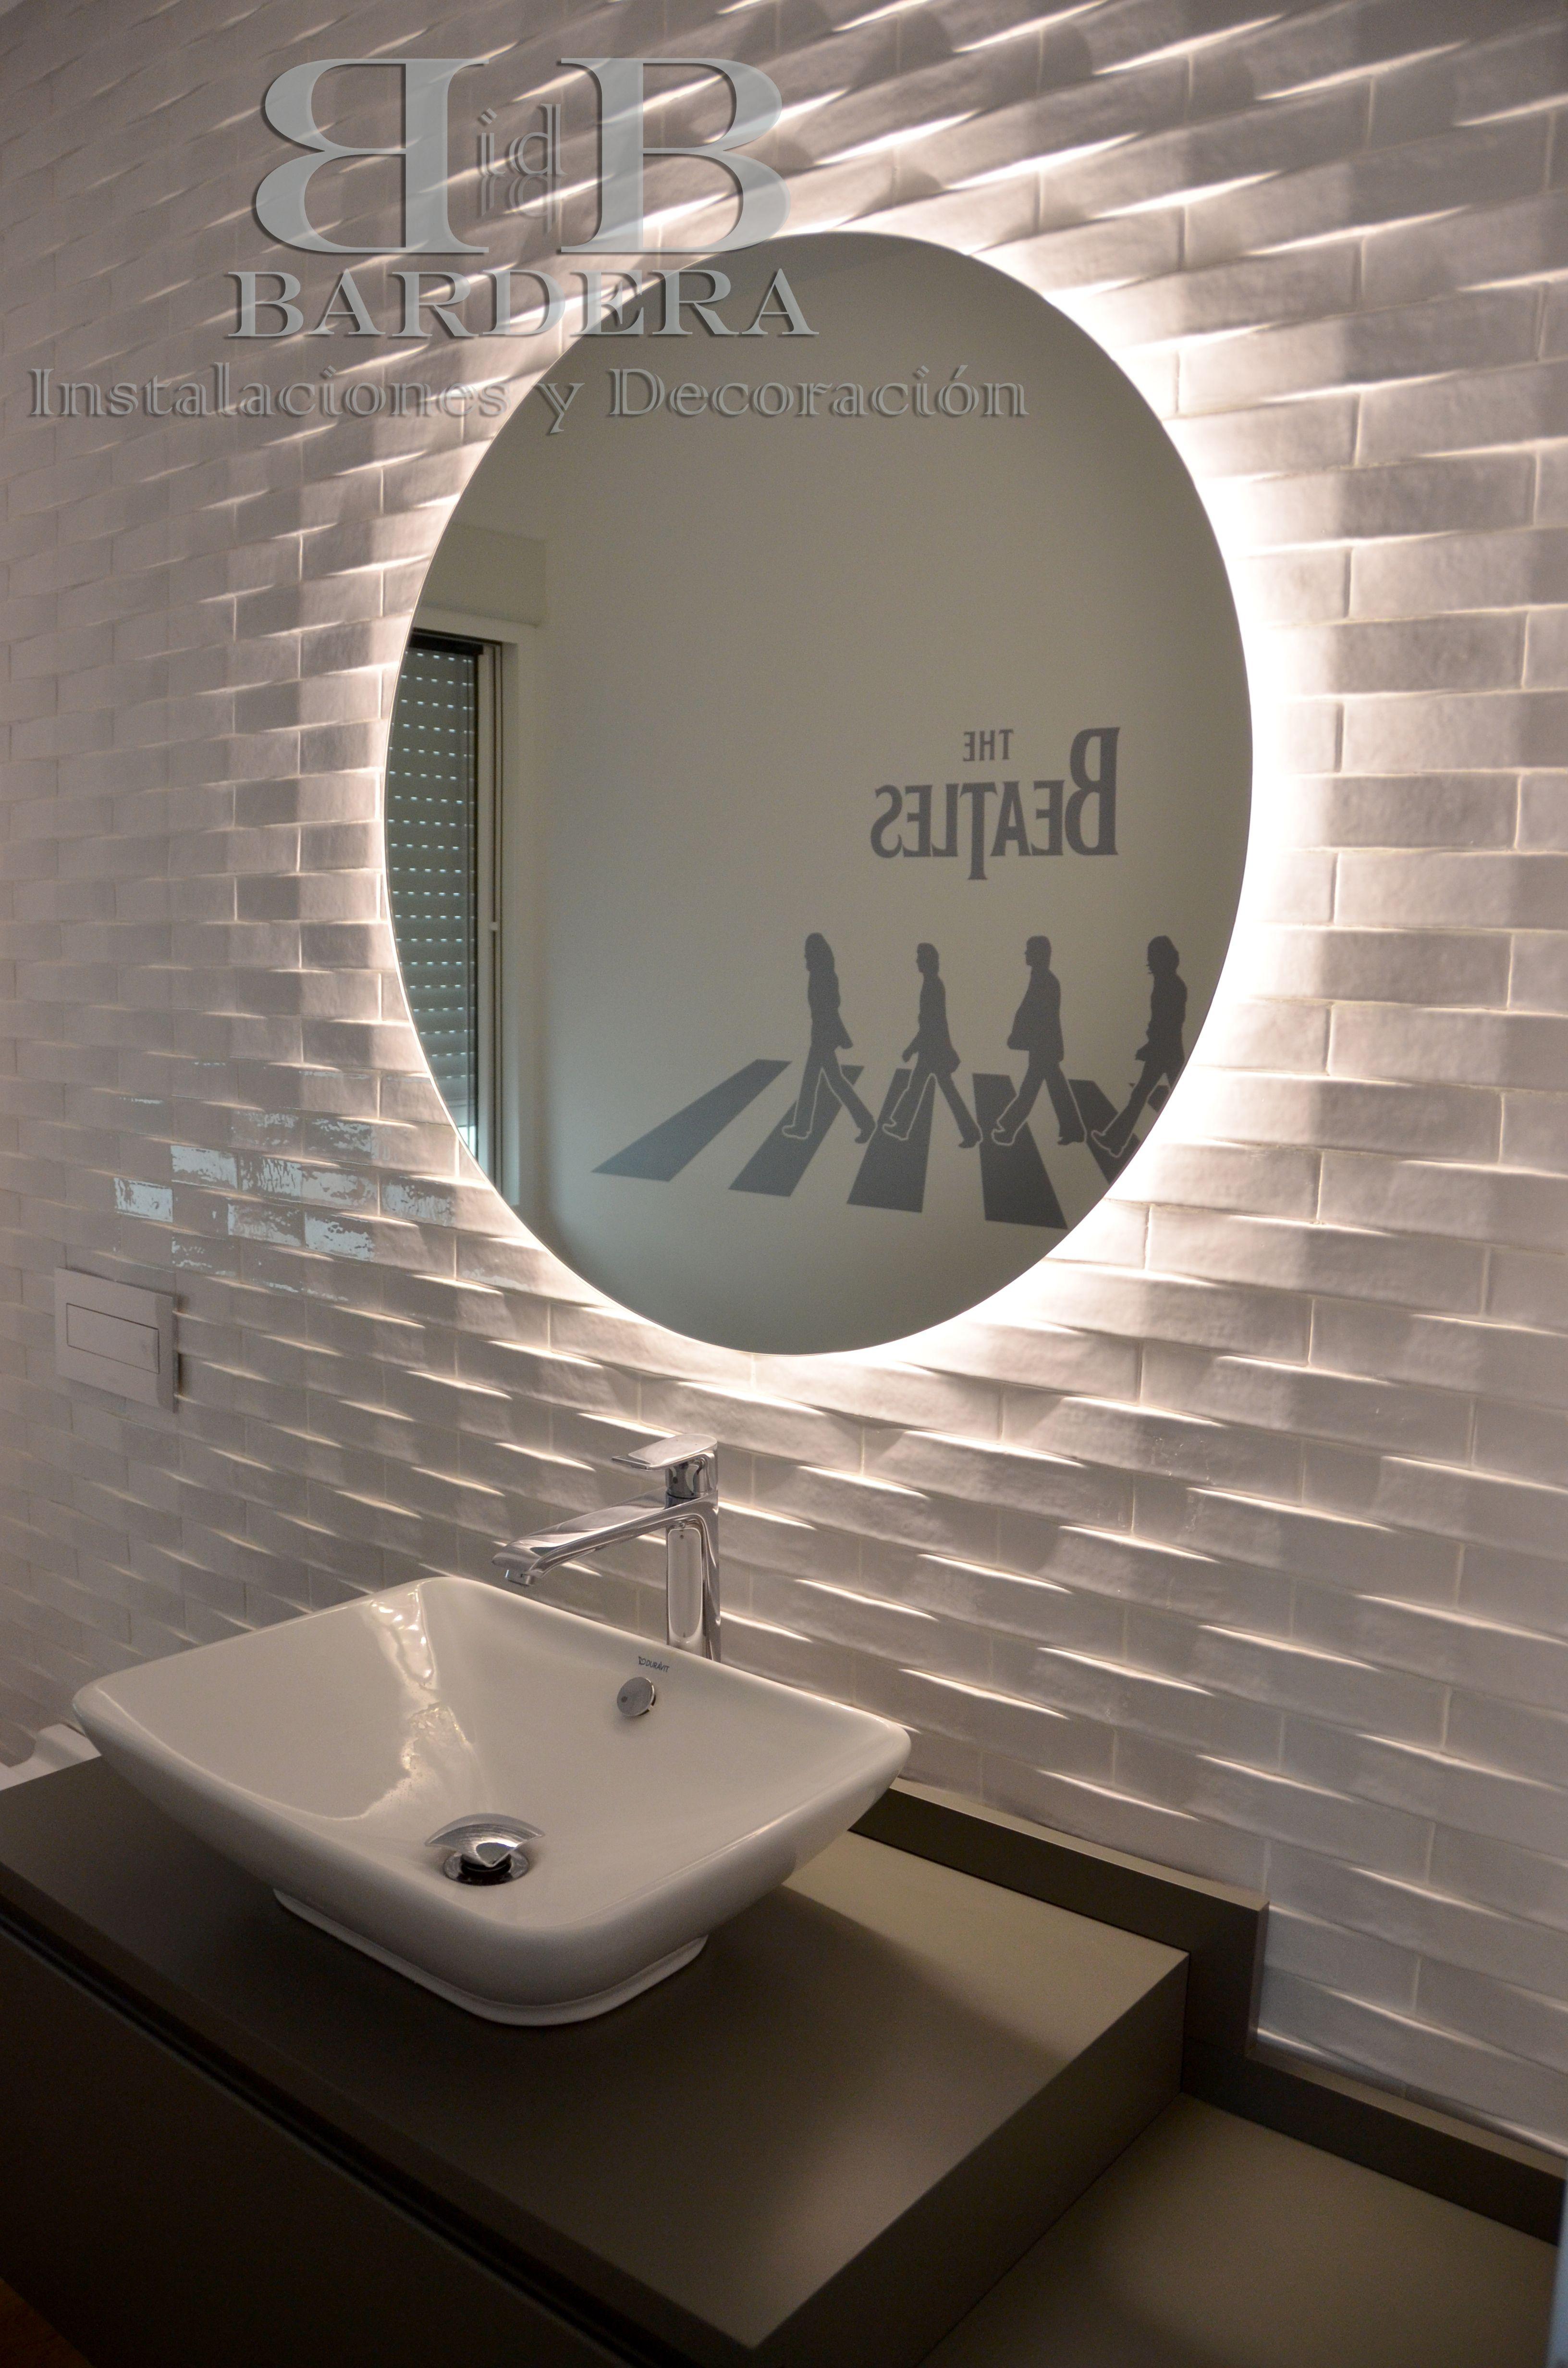 Pin By Bardera Instalaciones Y Deco On Banos Round Mirror Bathroom Bathroom Mirror Lighted Bathroom Mirror [ 4928 x 3264 Pixel ]